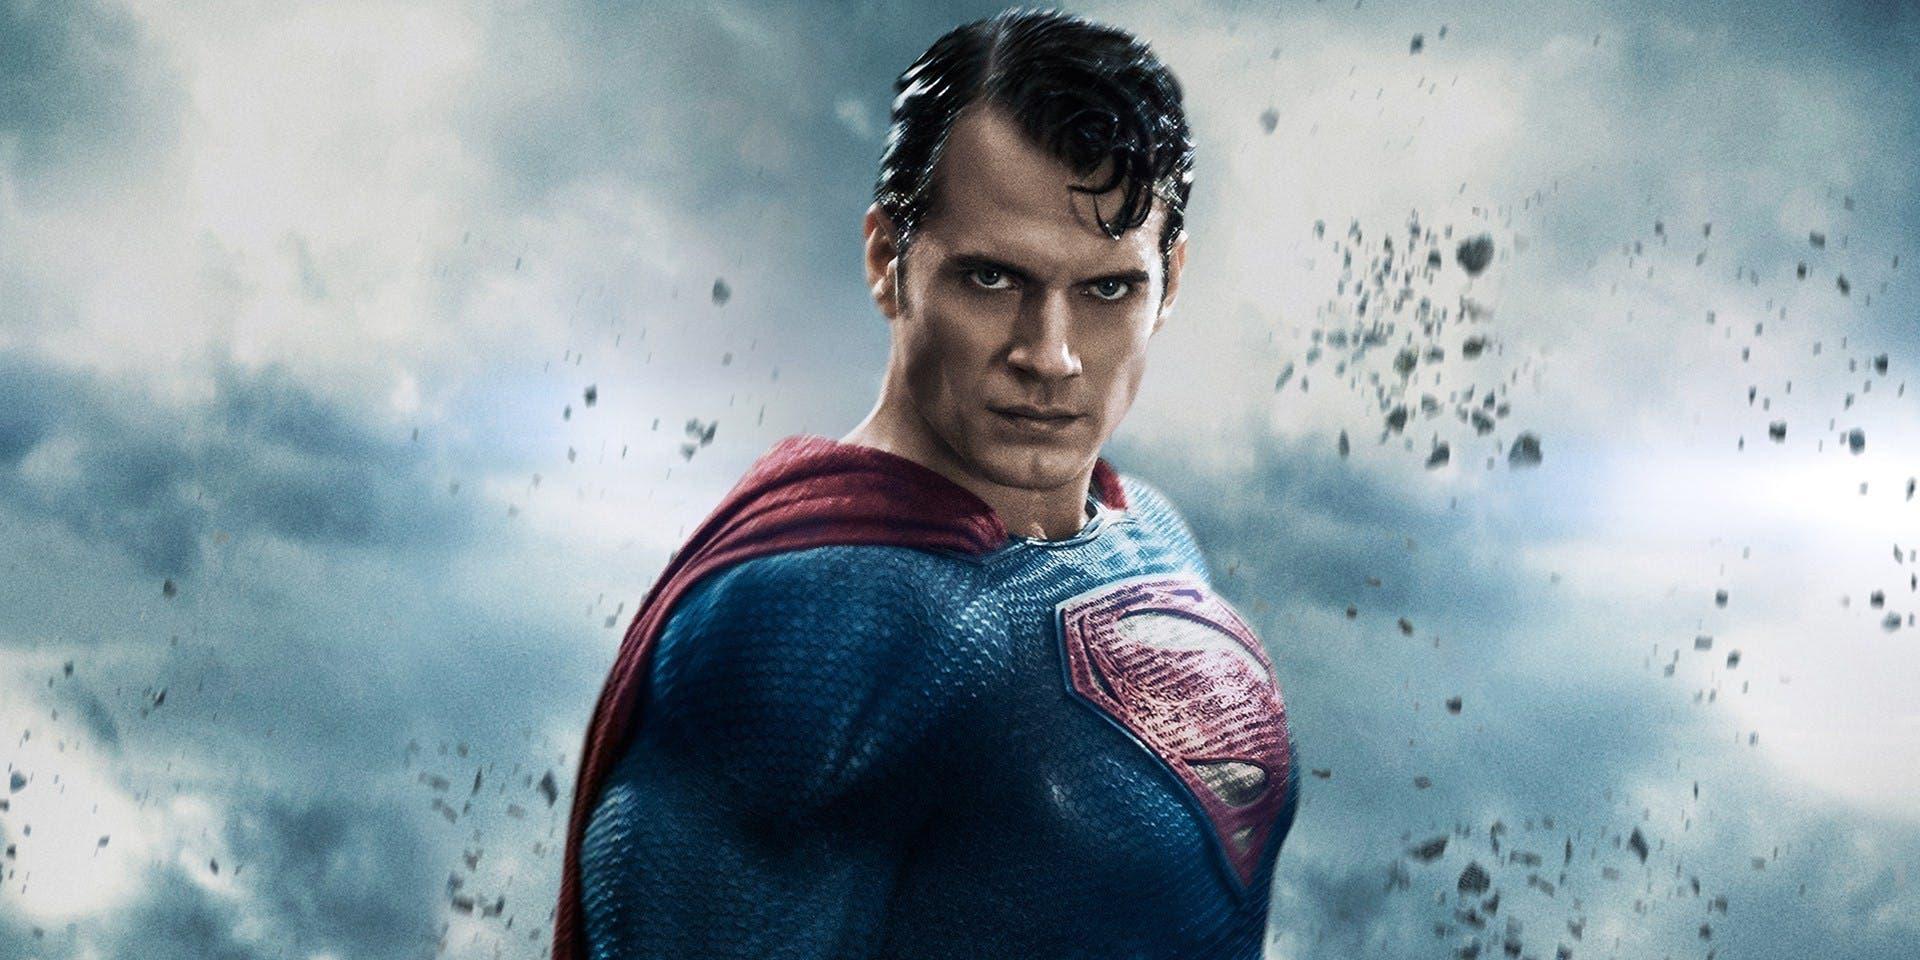 Henry Cavill quiere seguir siendo Superman por muchos años